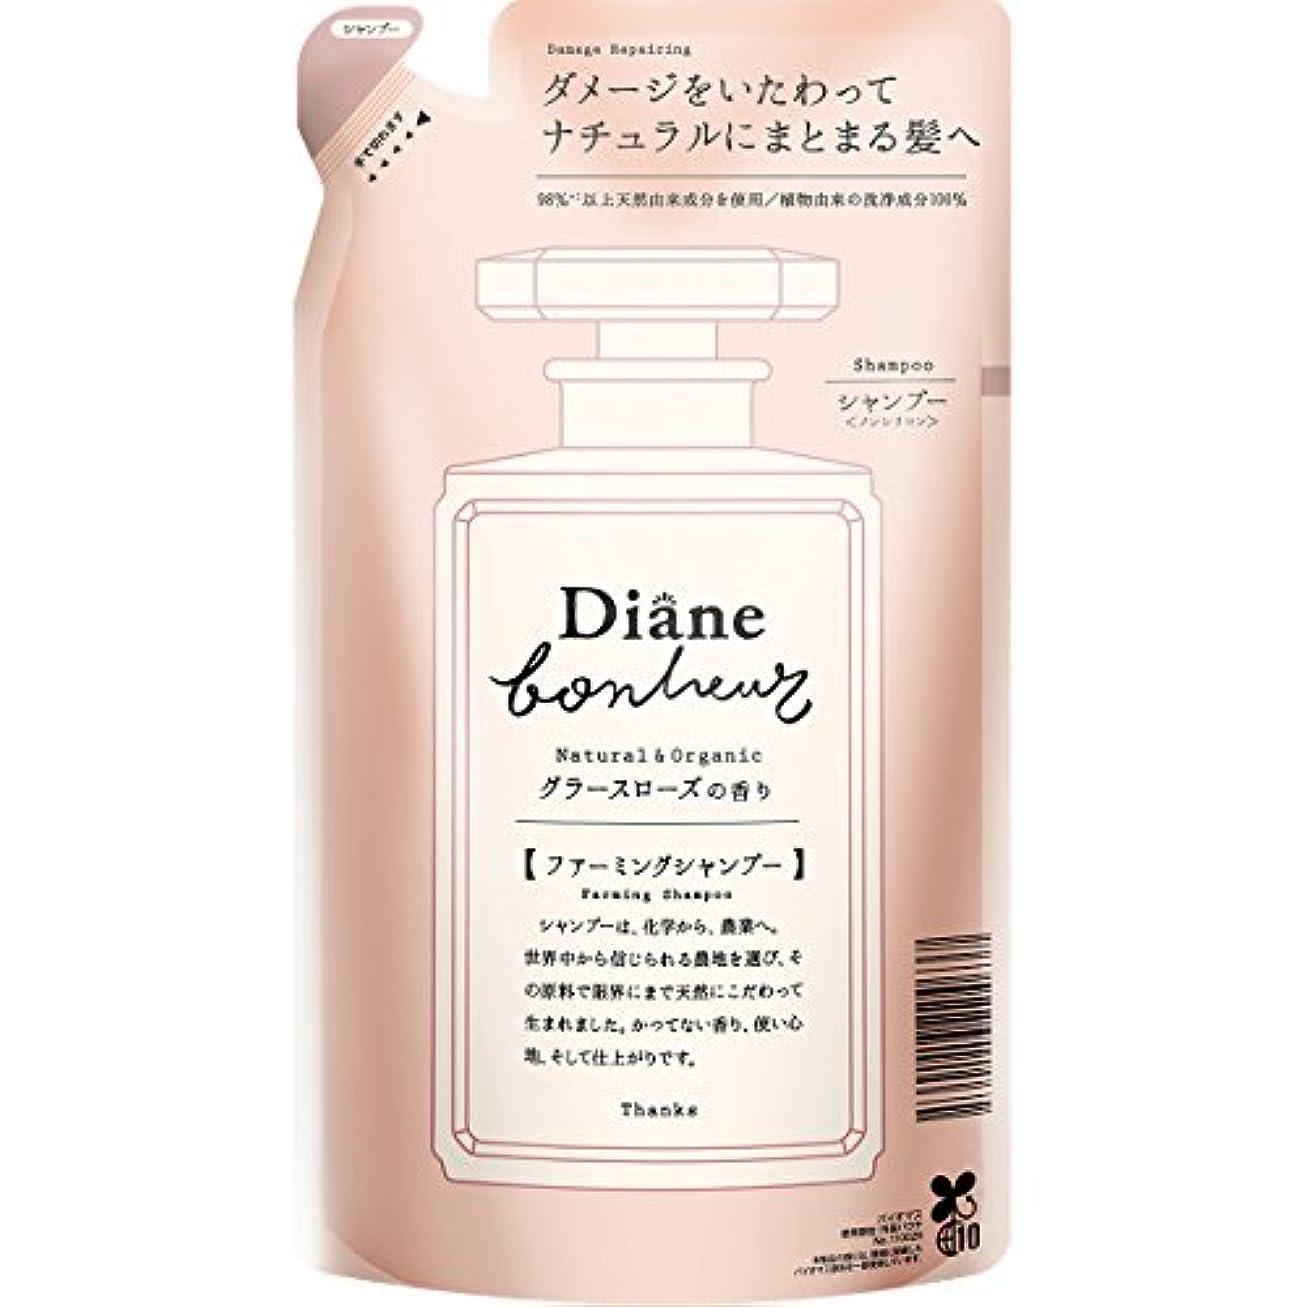 パラシュート祖母深めるダイアン ボヌール グラースローズの香り ダメージリペア シャンプー 詰め替え 400ml